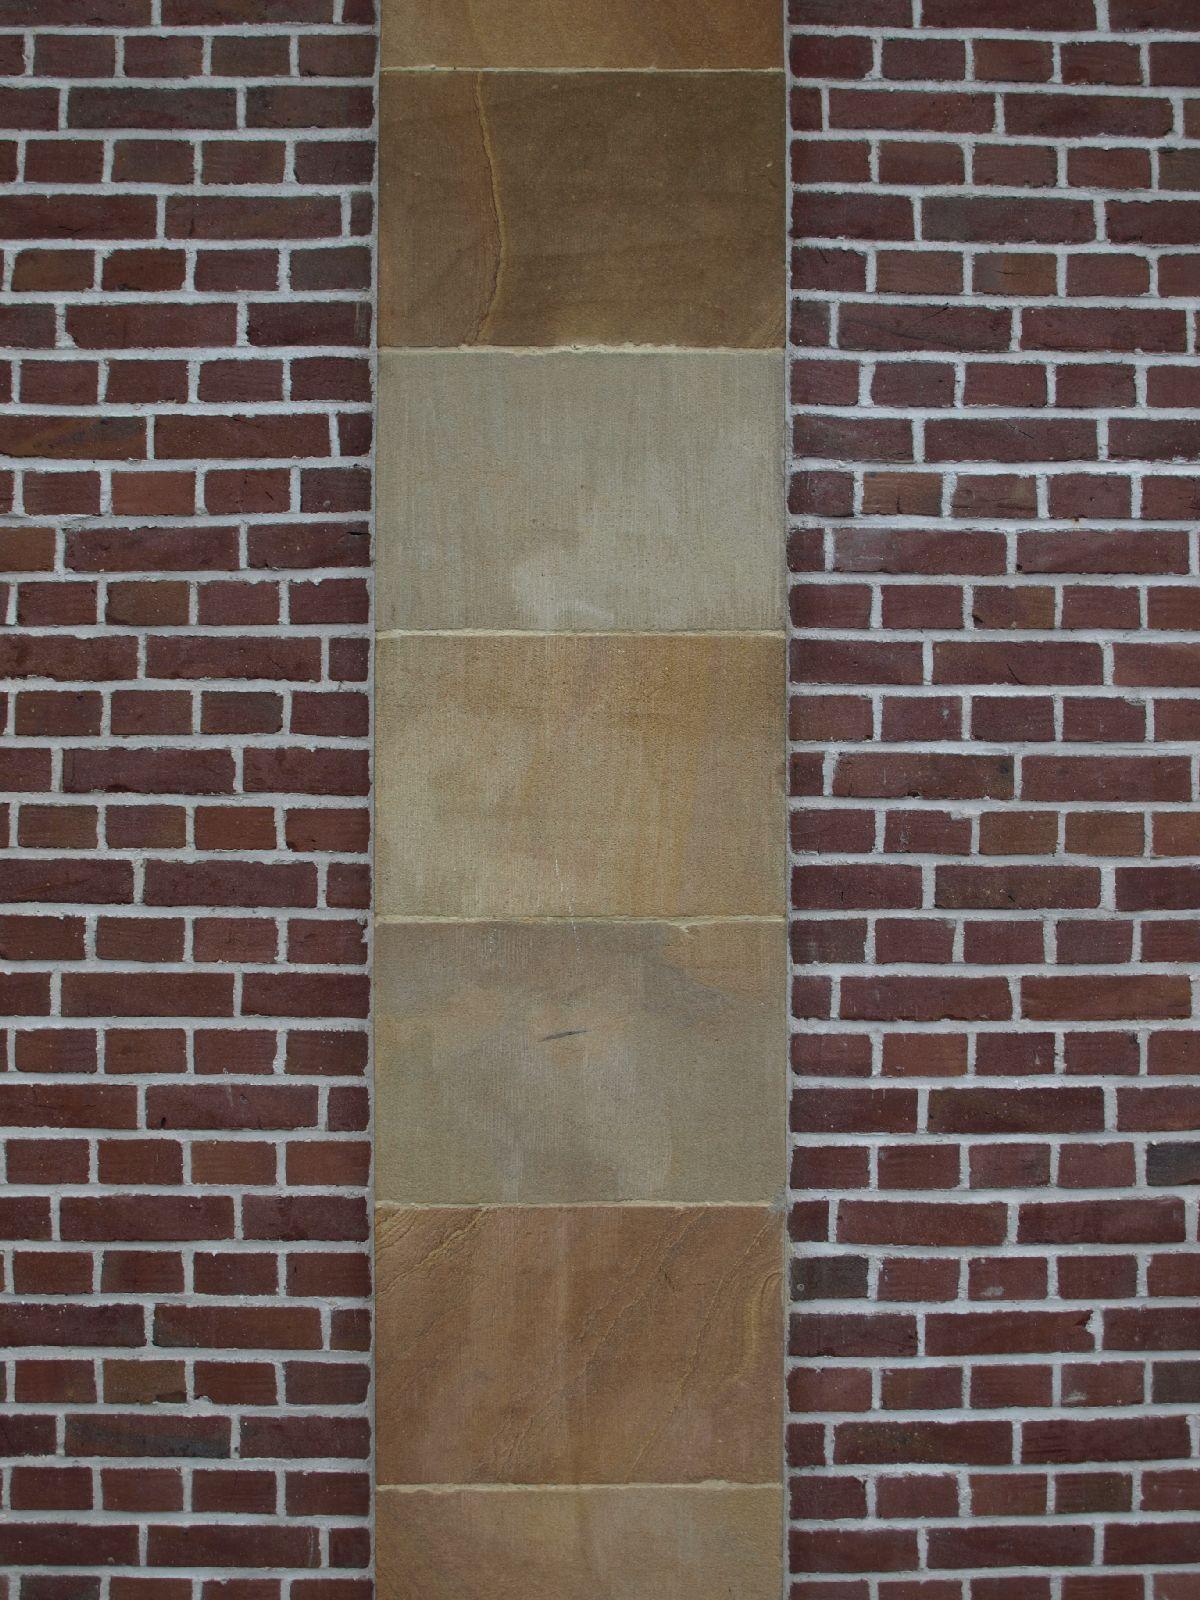 Brick_Texture_A_P2280899